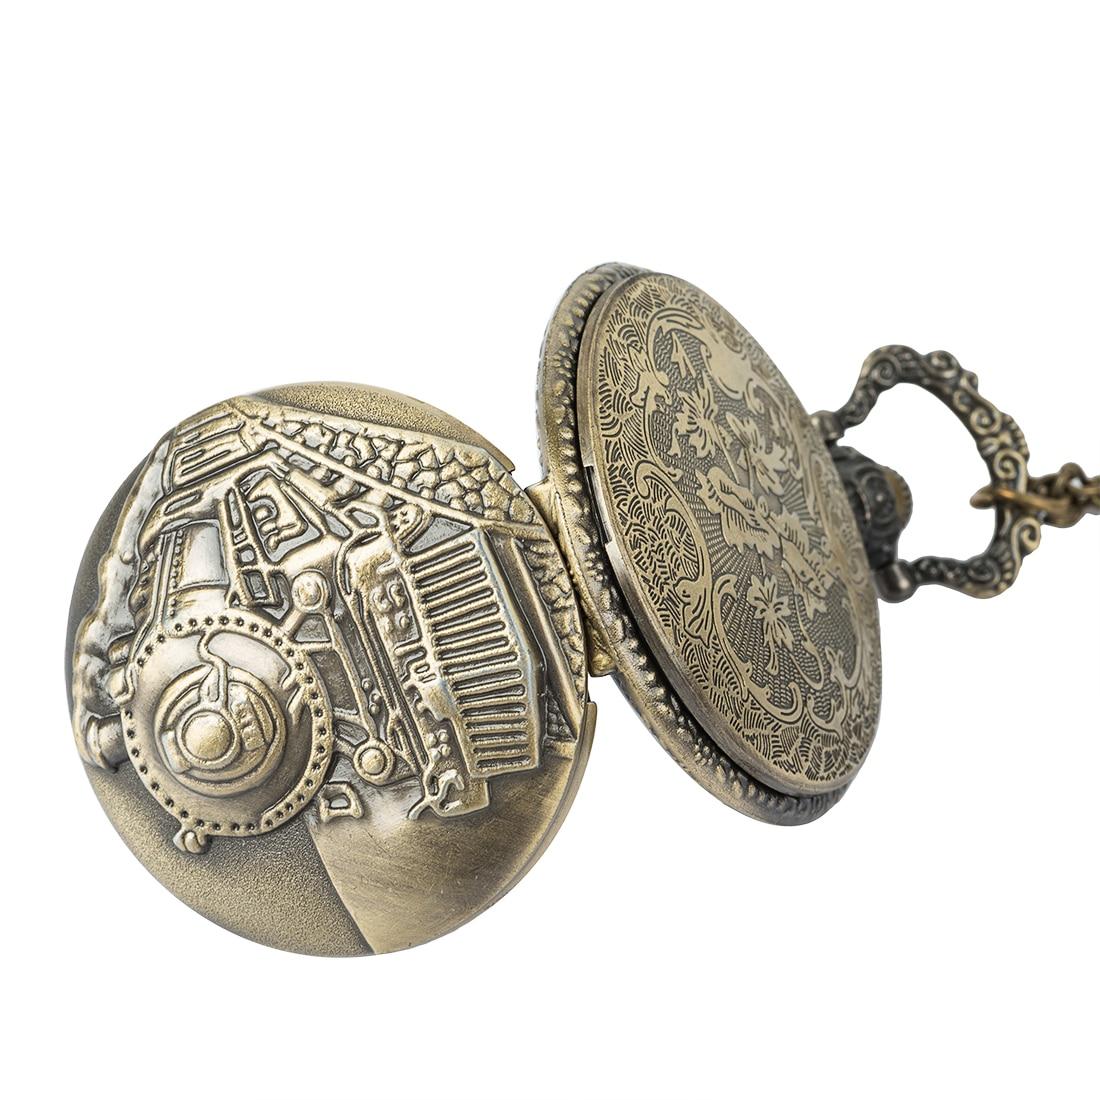 Steampunk Vintage Antique Retro Bronze Train Front Locomotive Engine Railway Quartz Pocket Watch Chain Men Women in Pocket Fob Watches from Watches